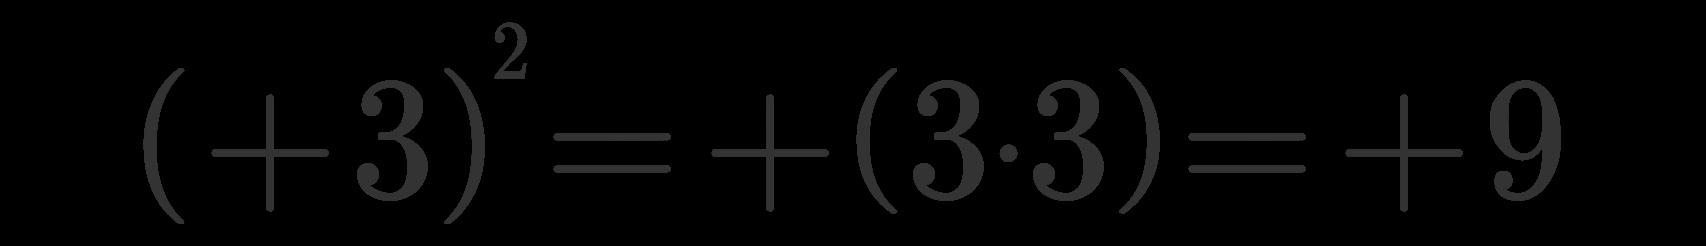 Potenza di numeri relativi 6